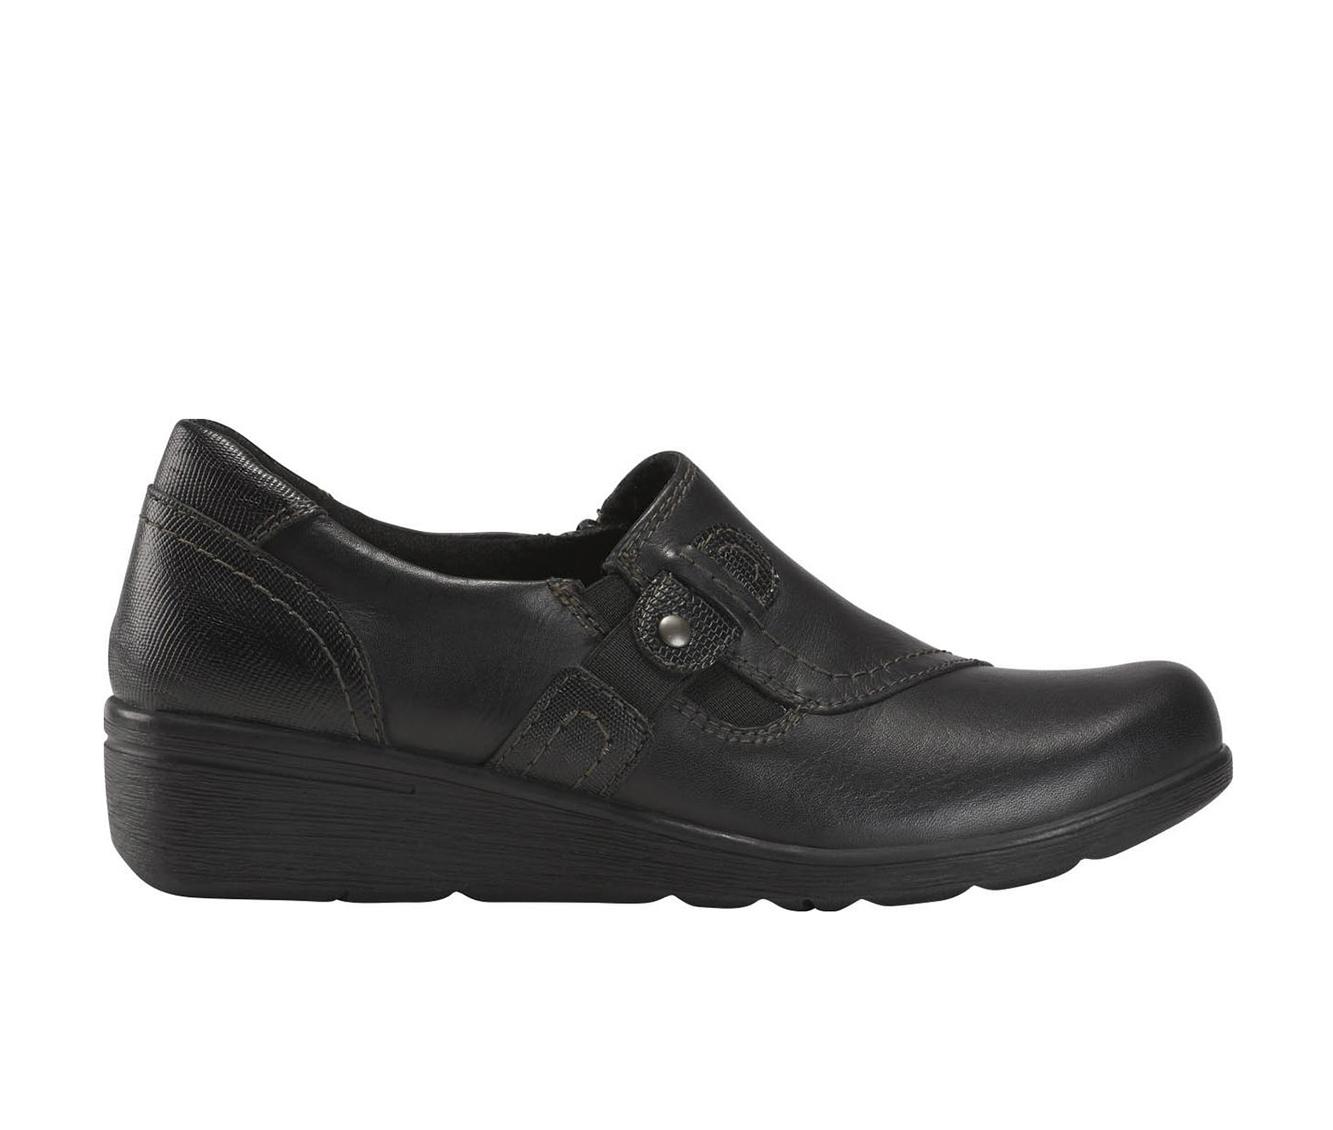 Earth Origins Jane Zena Women's Shoe (Black Leather)